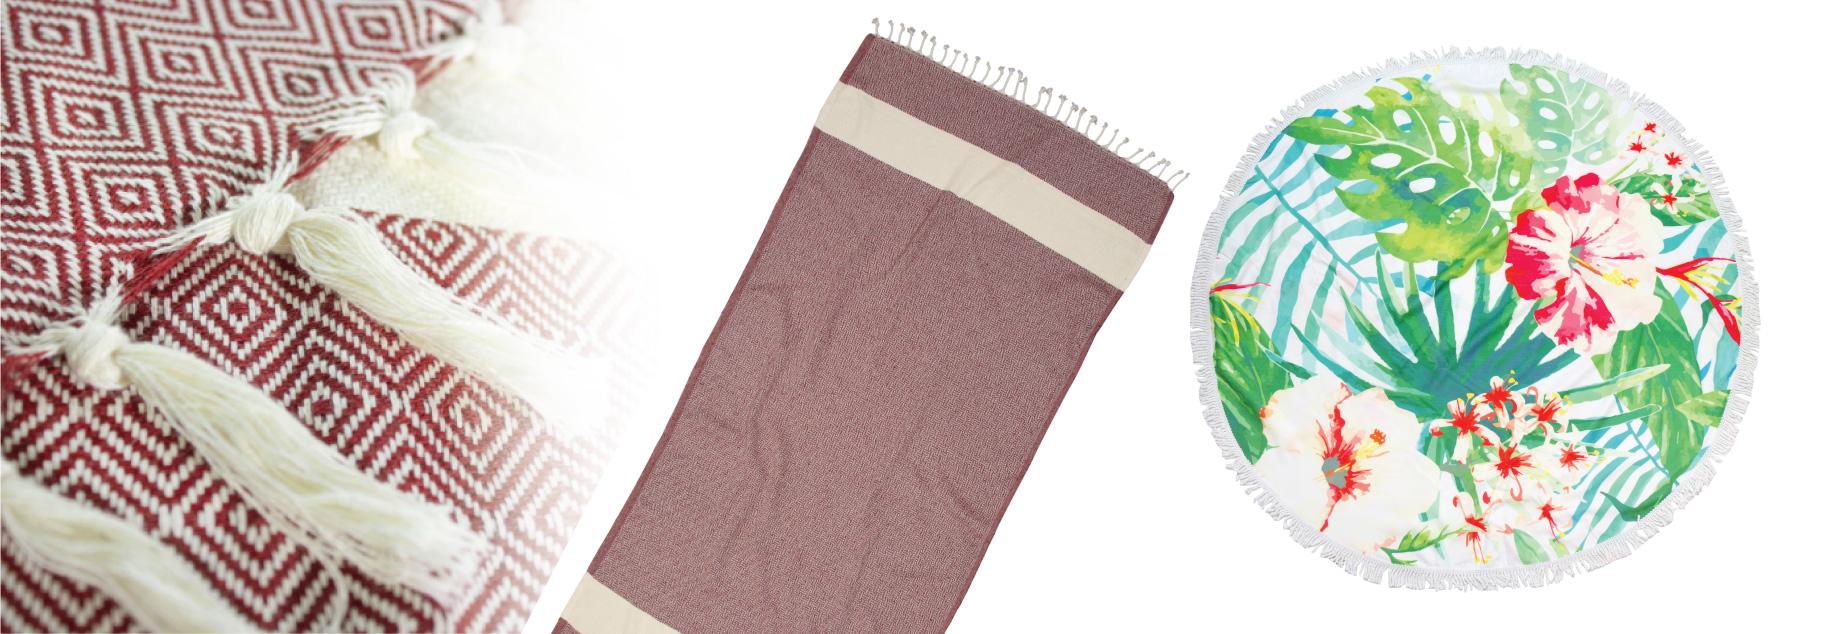 Επιλέξτε τη δική σας πετσέτα θαλάσσης...!